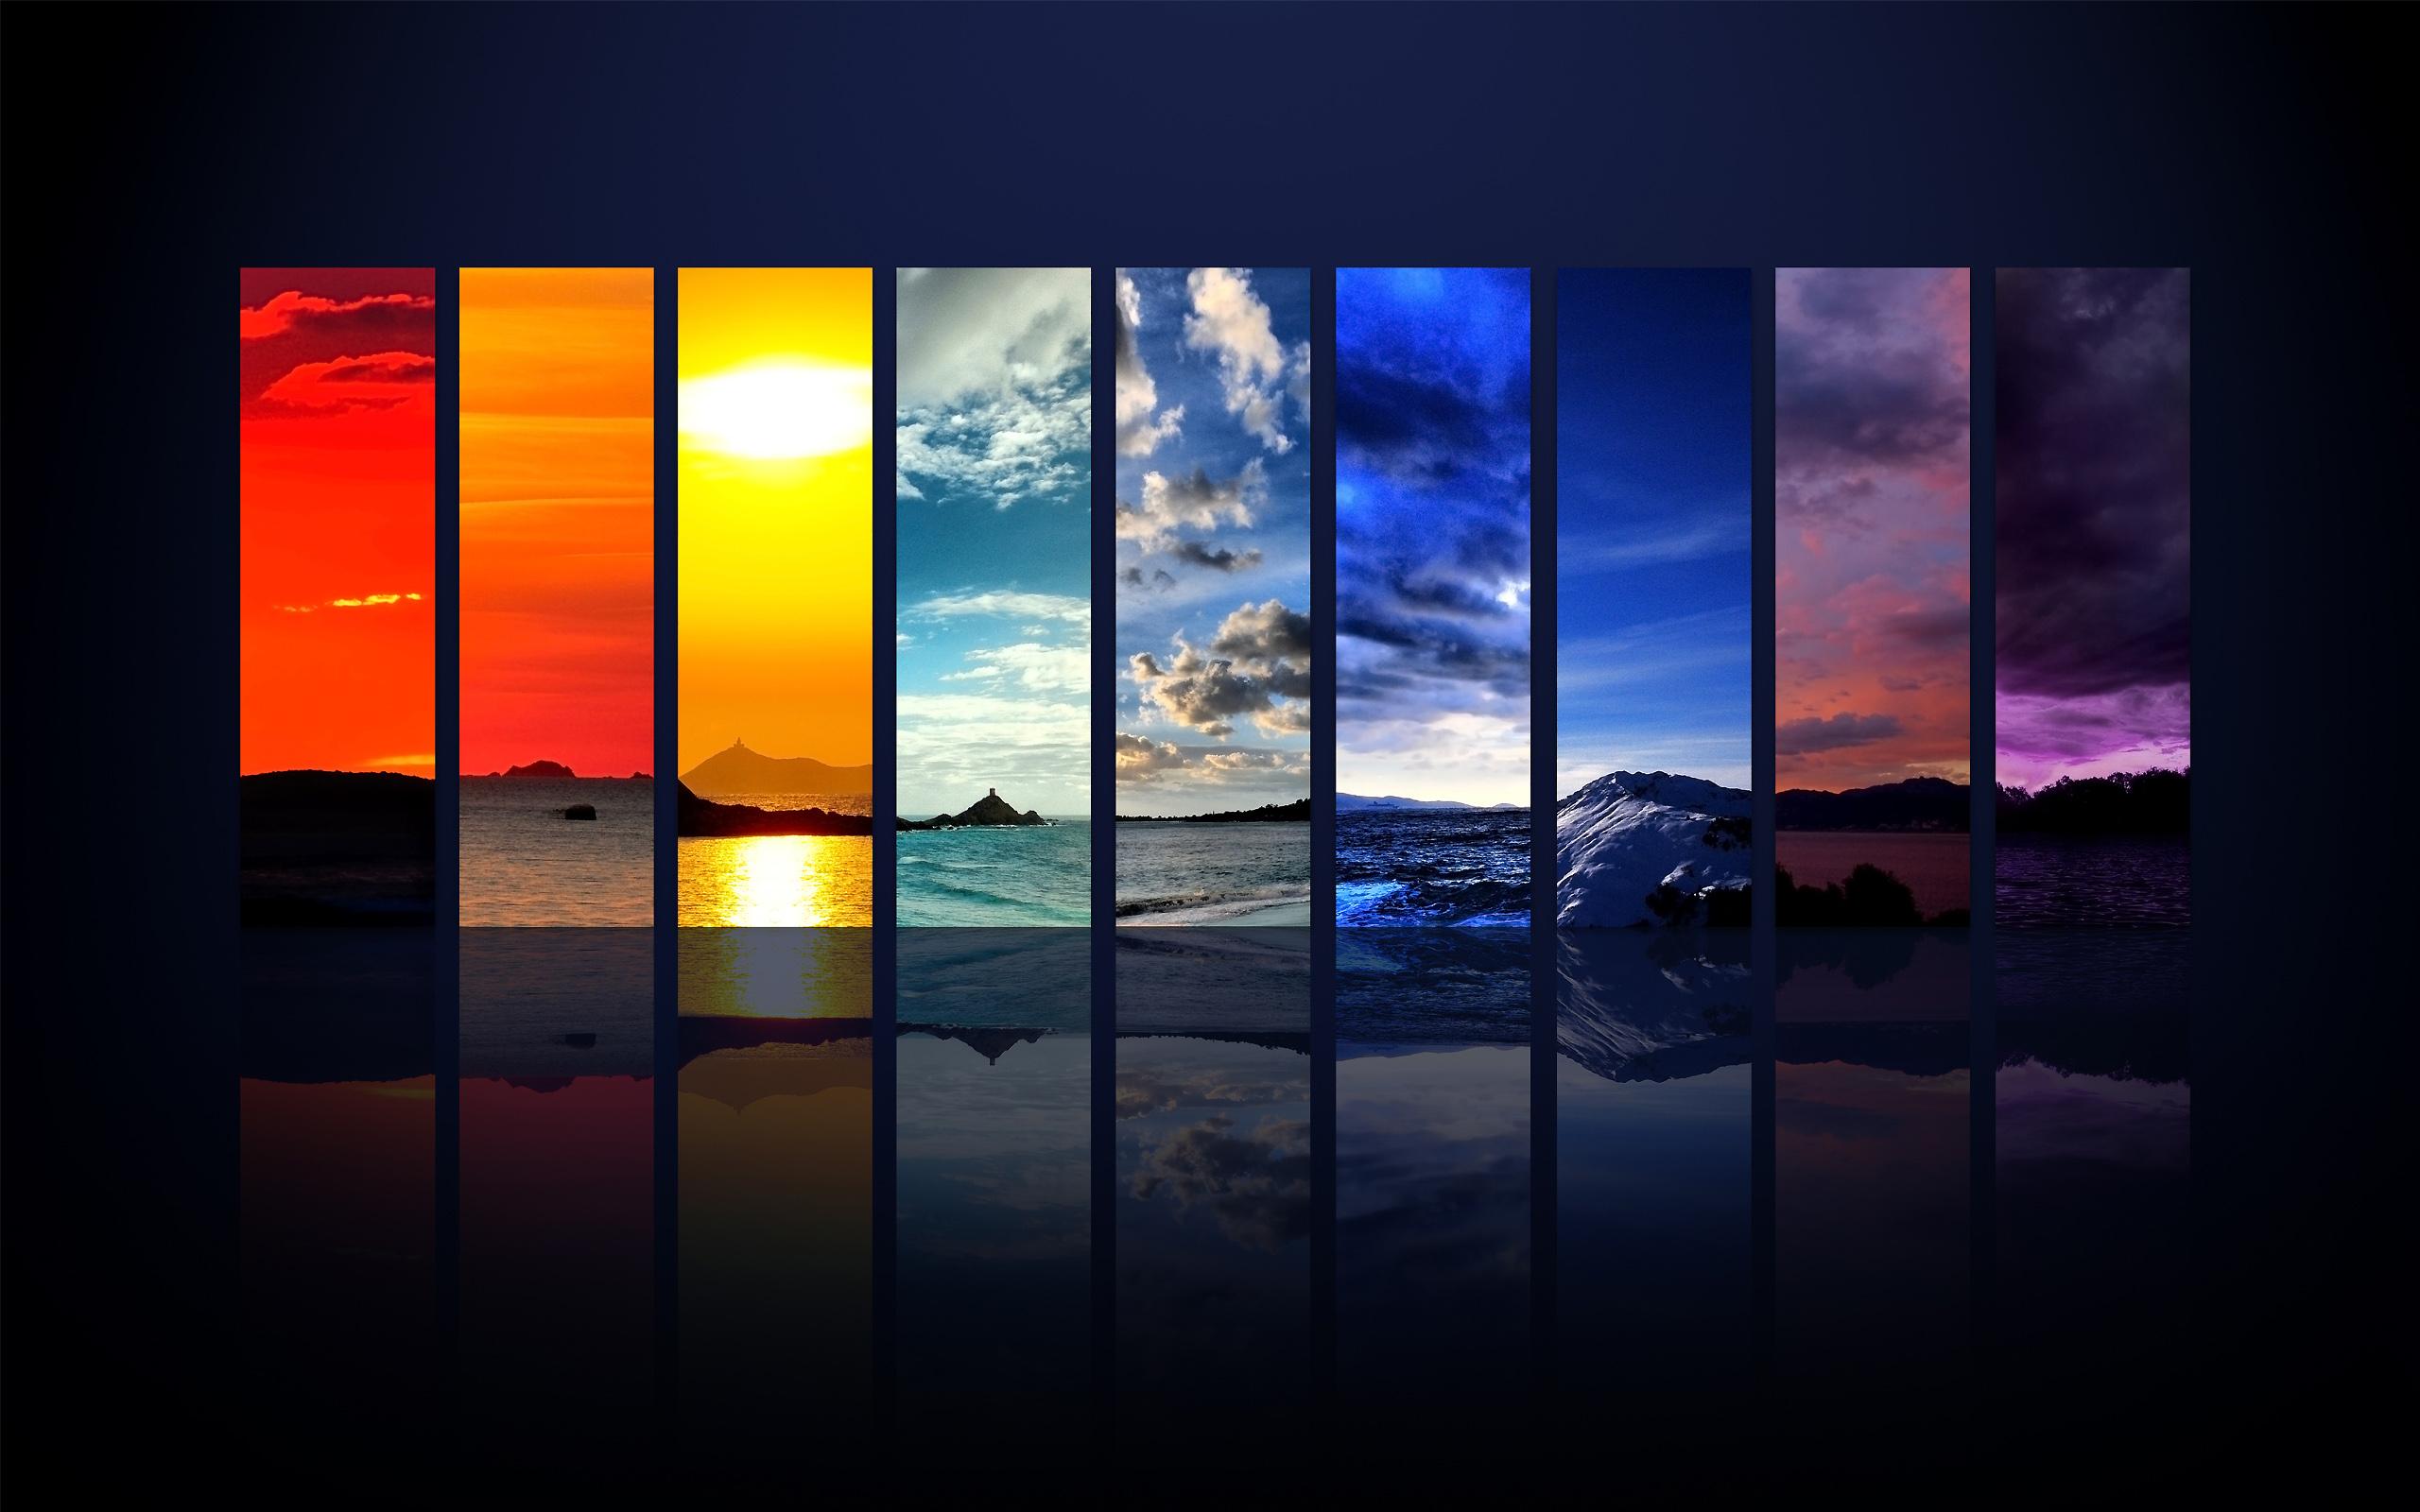 Sky Spectrum Wallpaper